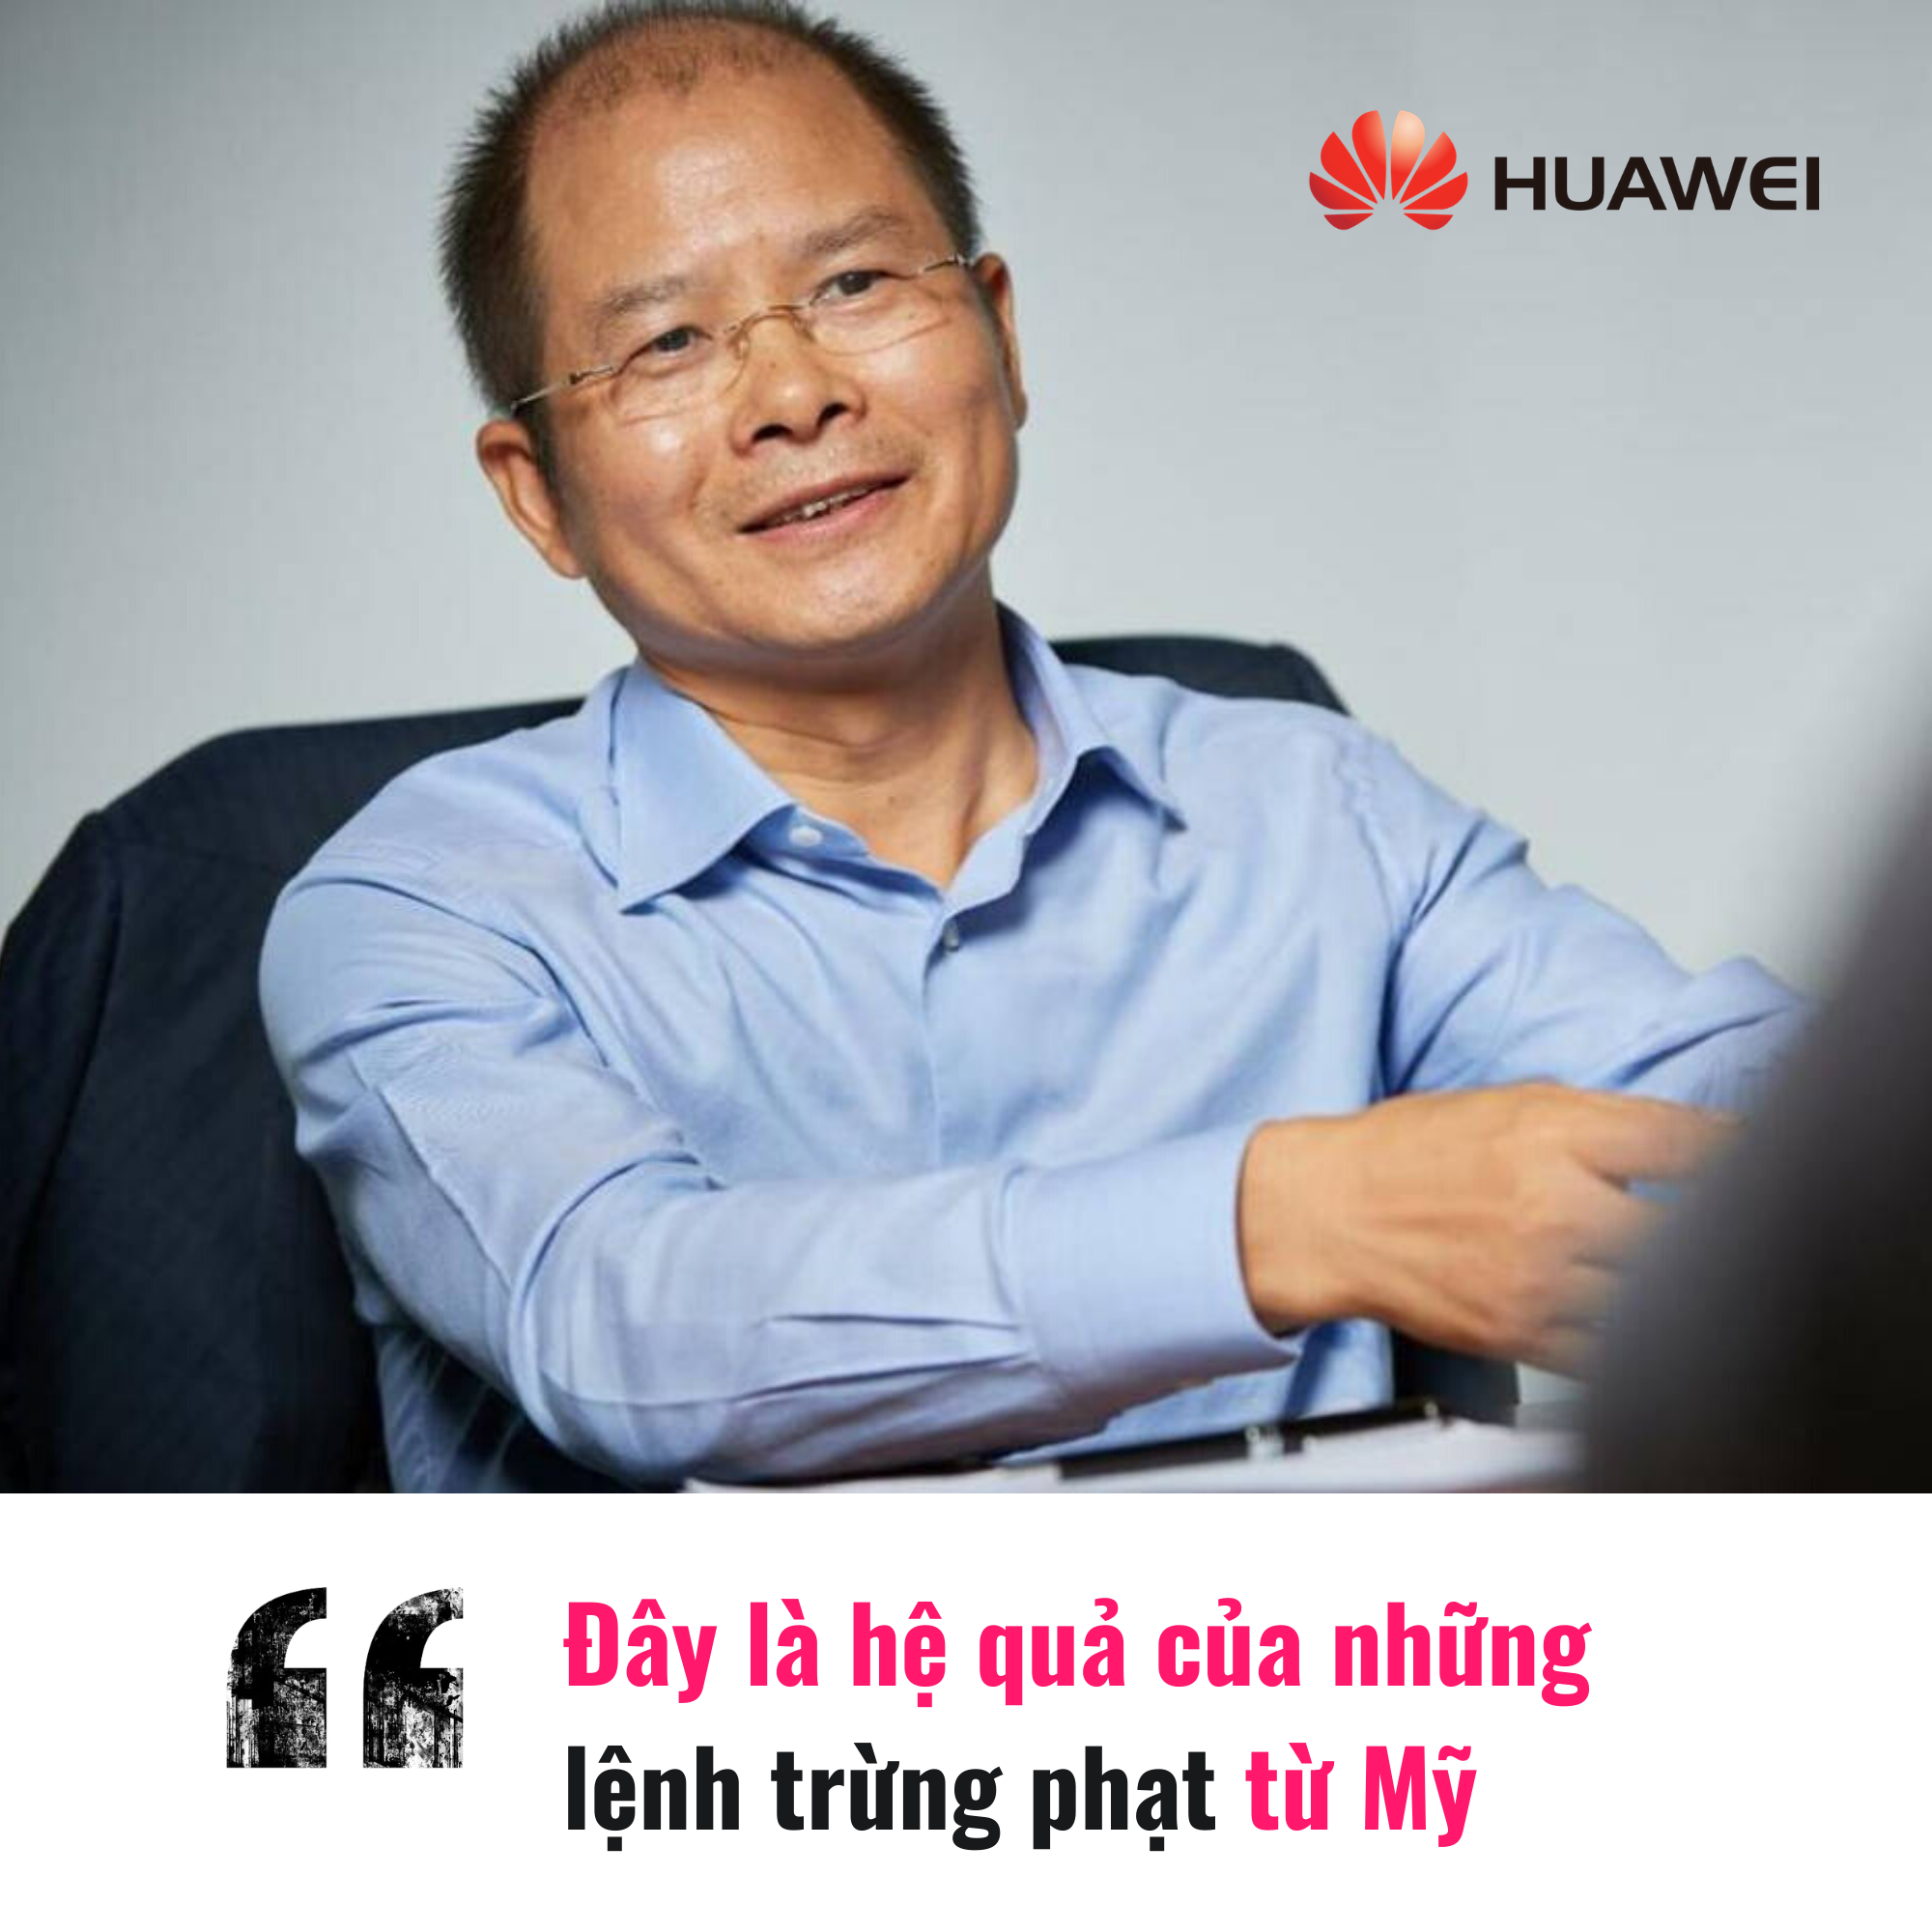 """Huawei muốn thống trị thị trường smartphone toàn cầu như Trump đang """"kết liễu"""" giấc mơ ấy - Ảnh 3."""